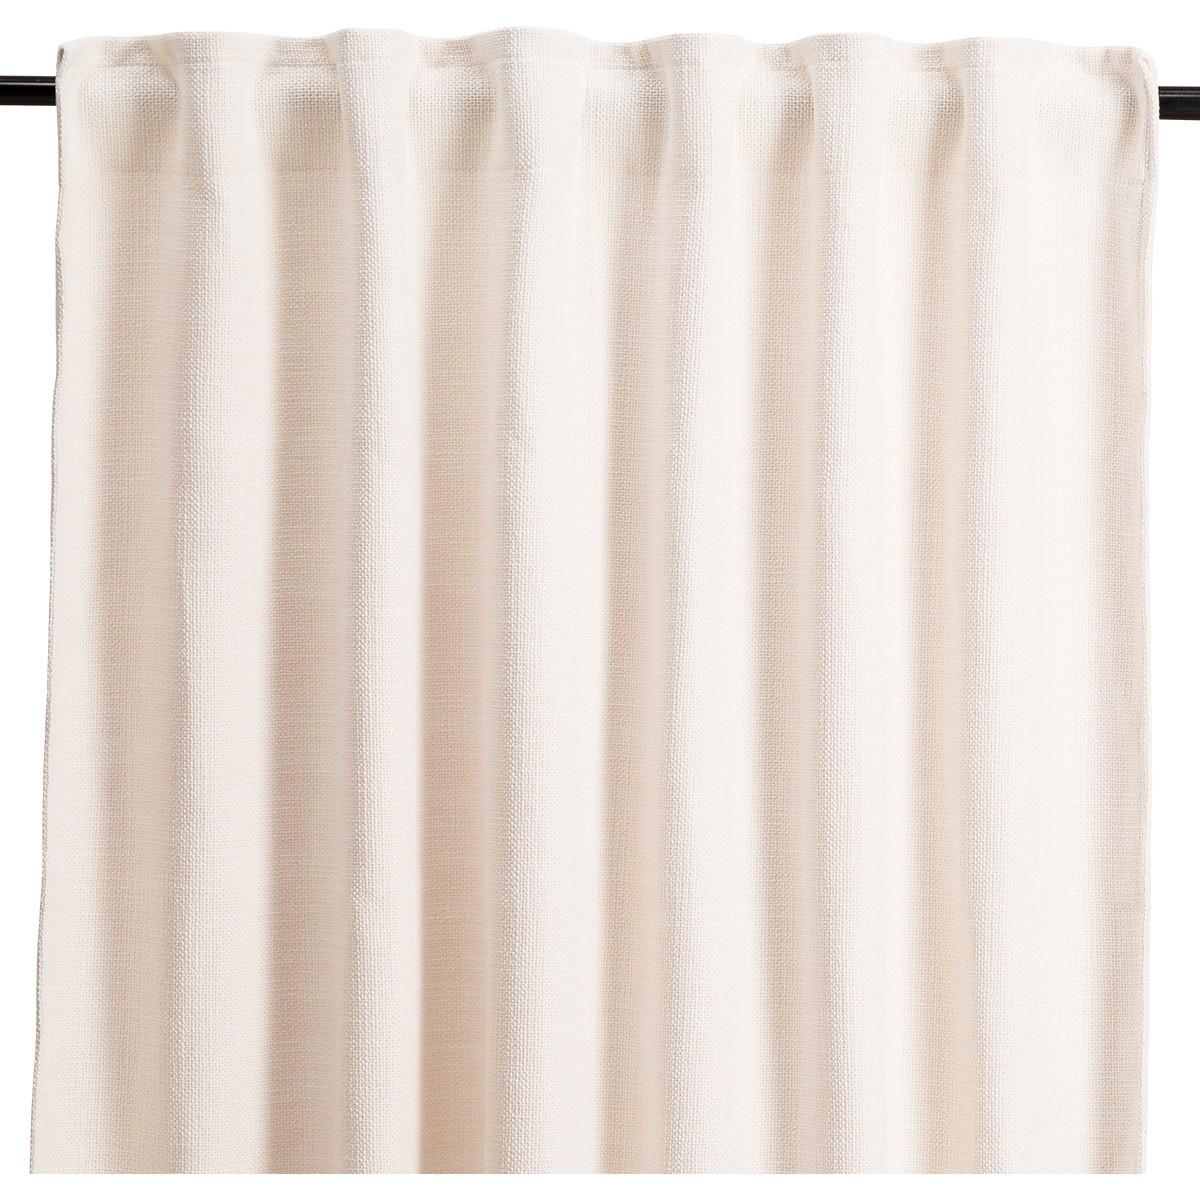 Cream White Materia Curtain